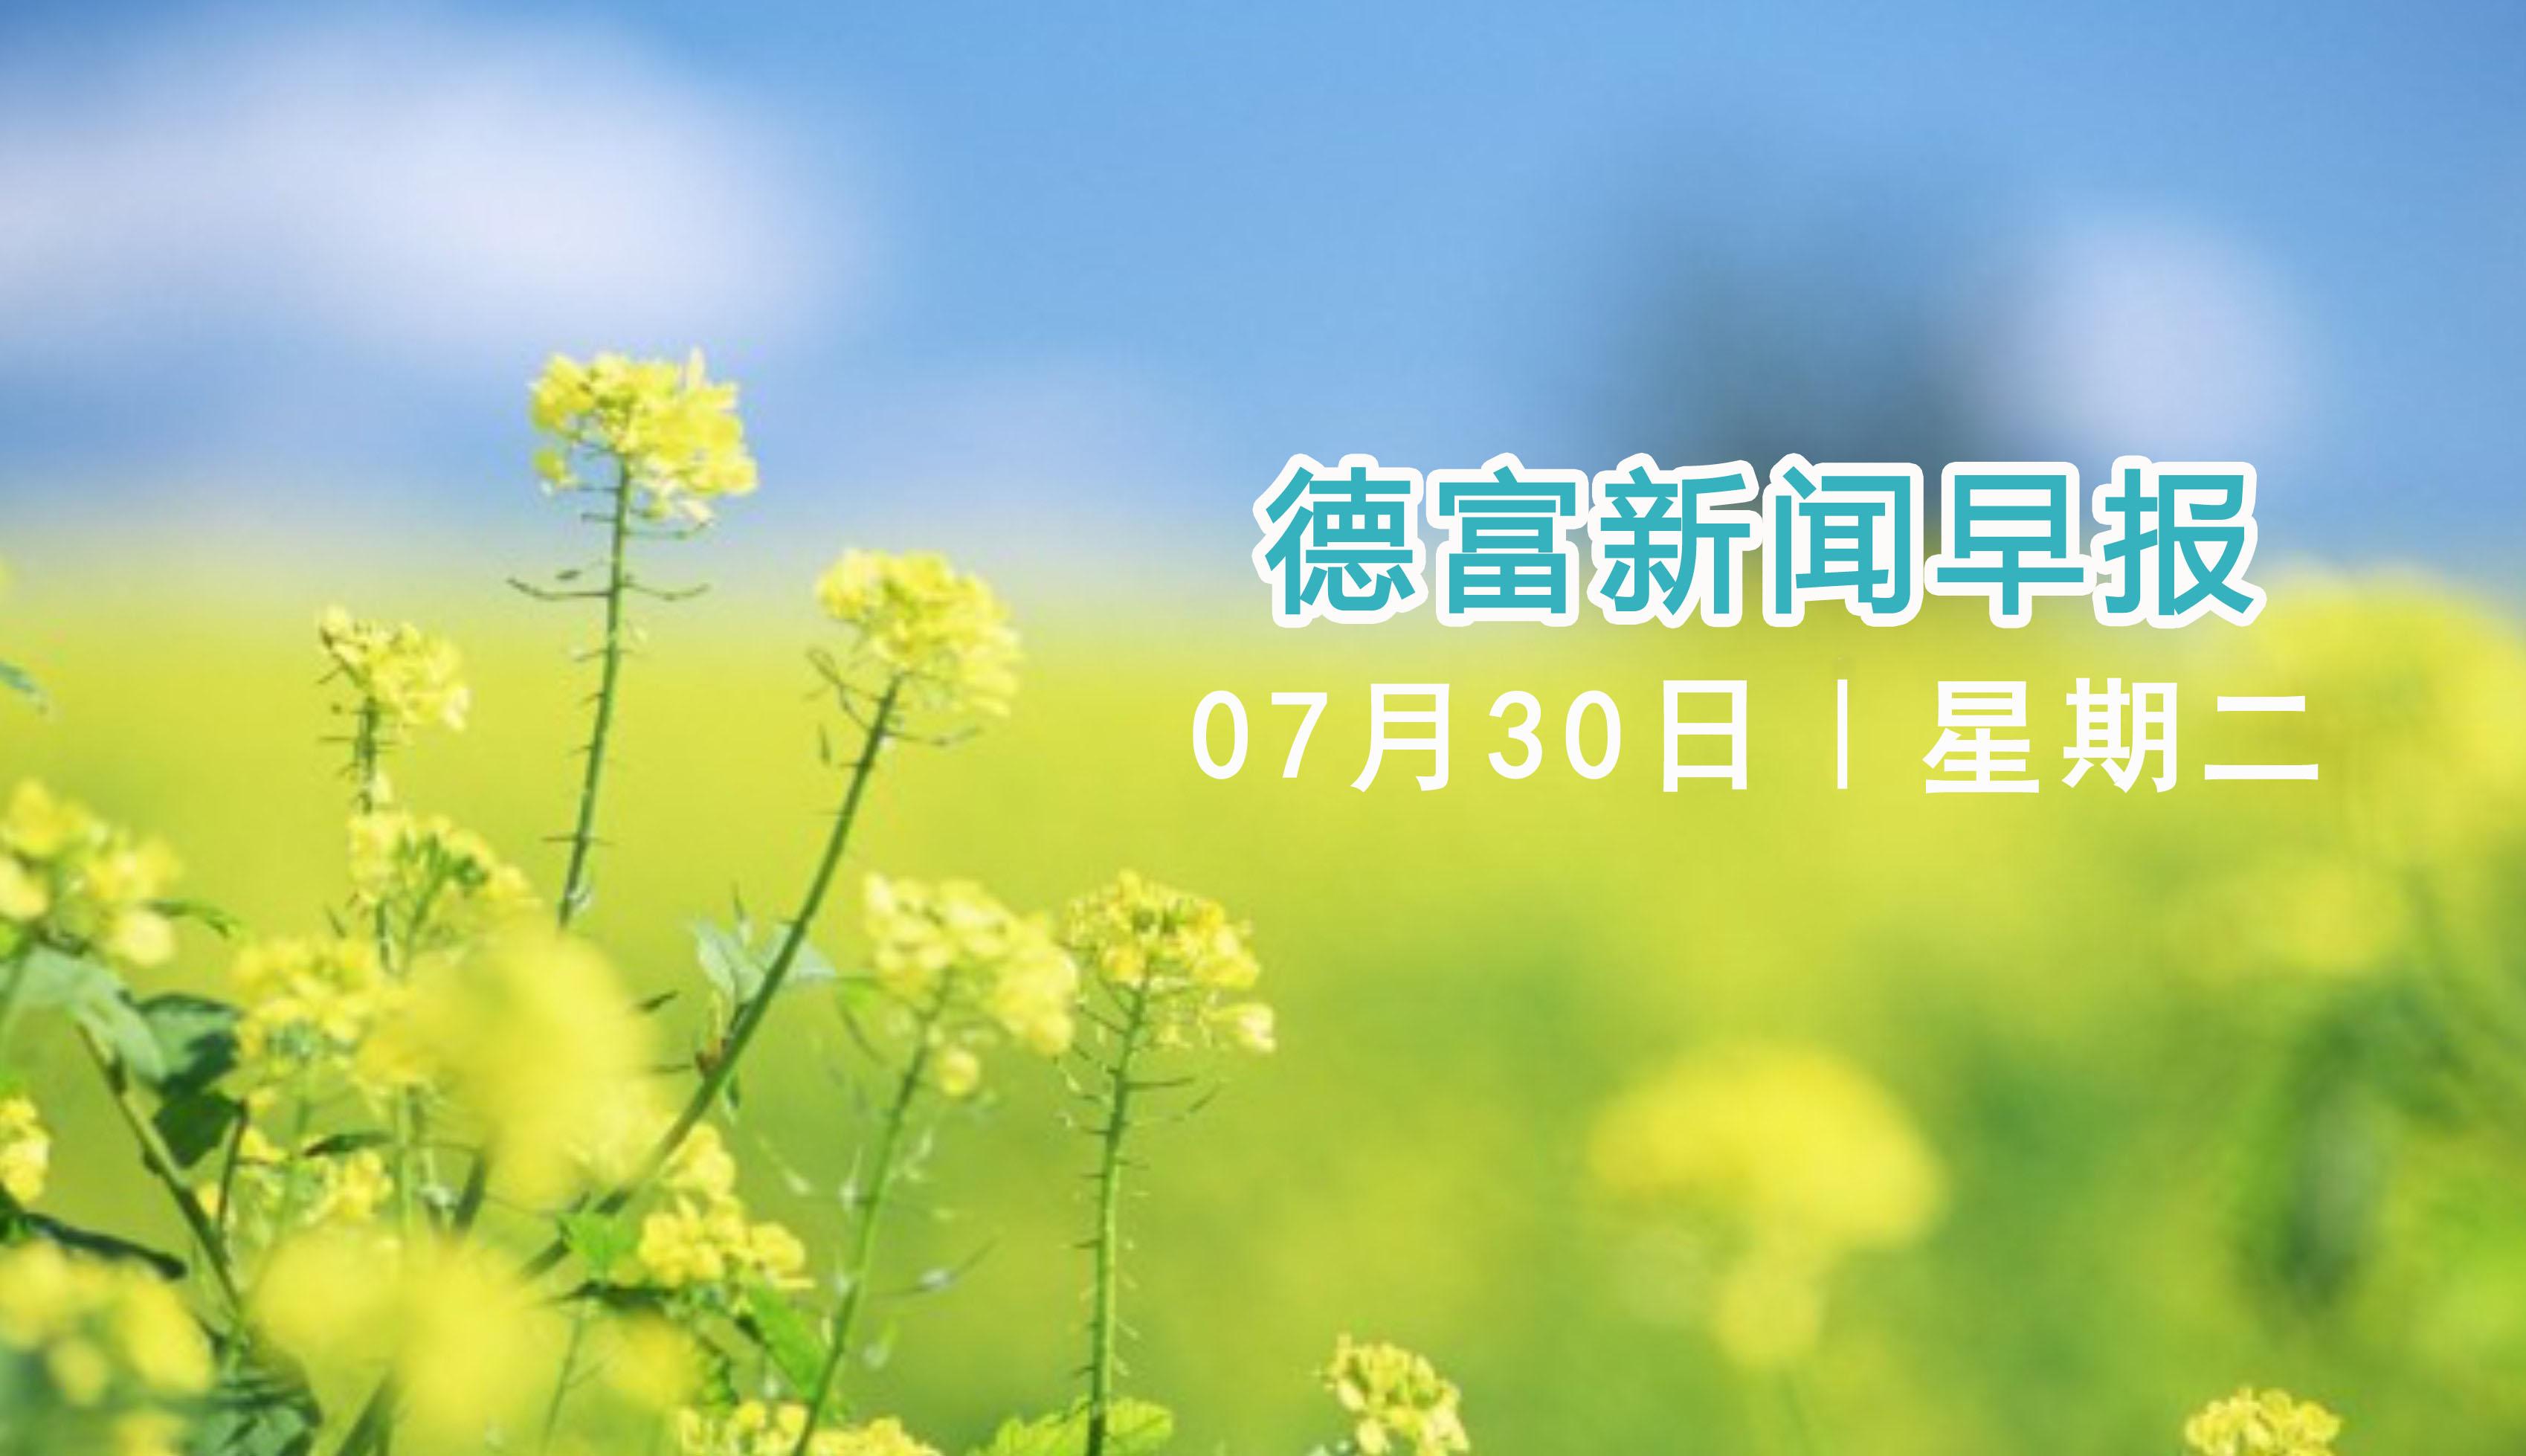 20190730德富新闻早报